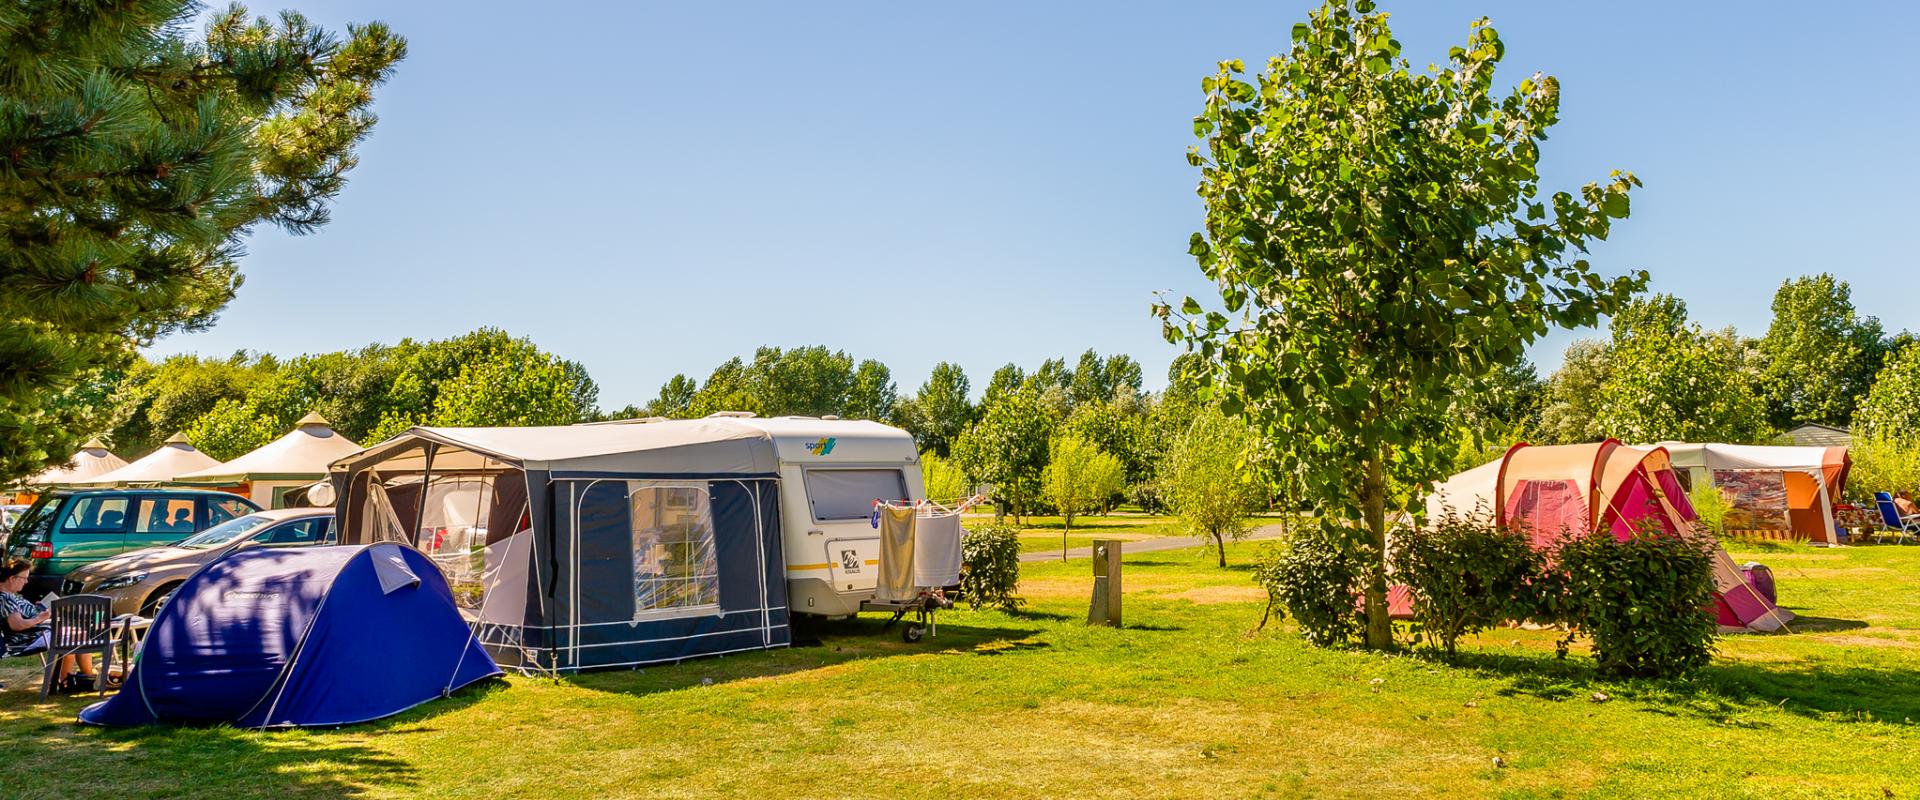 Camping Le Fanal : 23082016 Dsc 1467